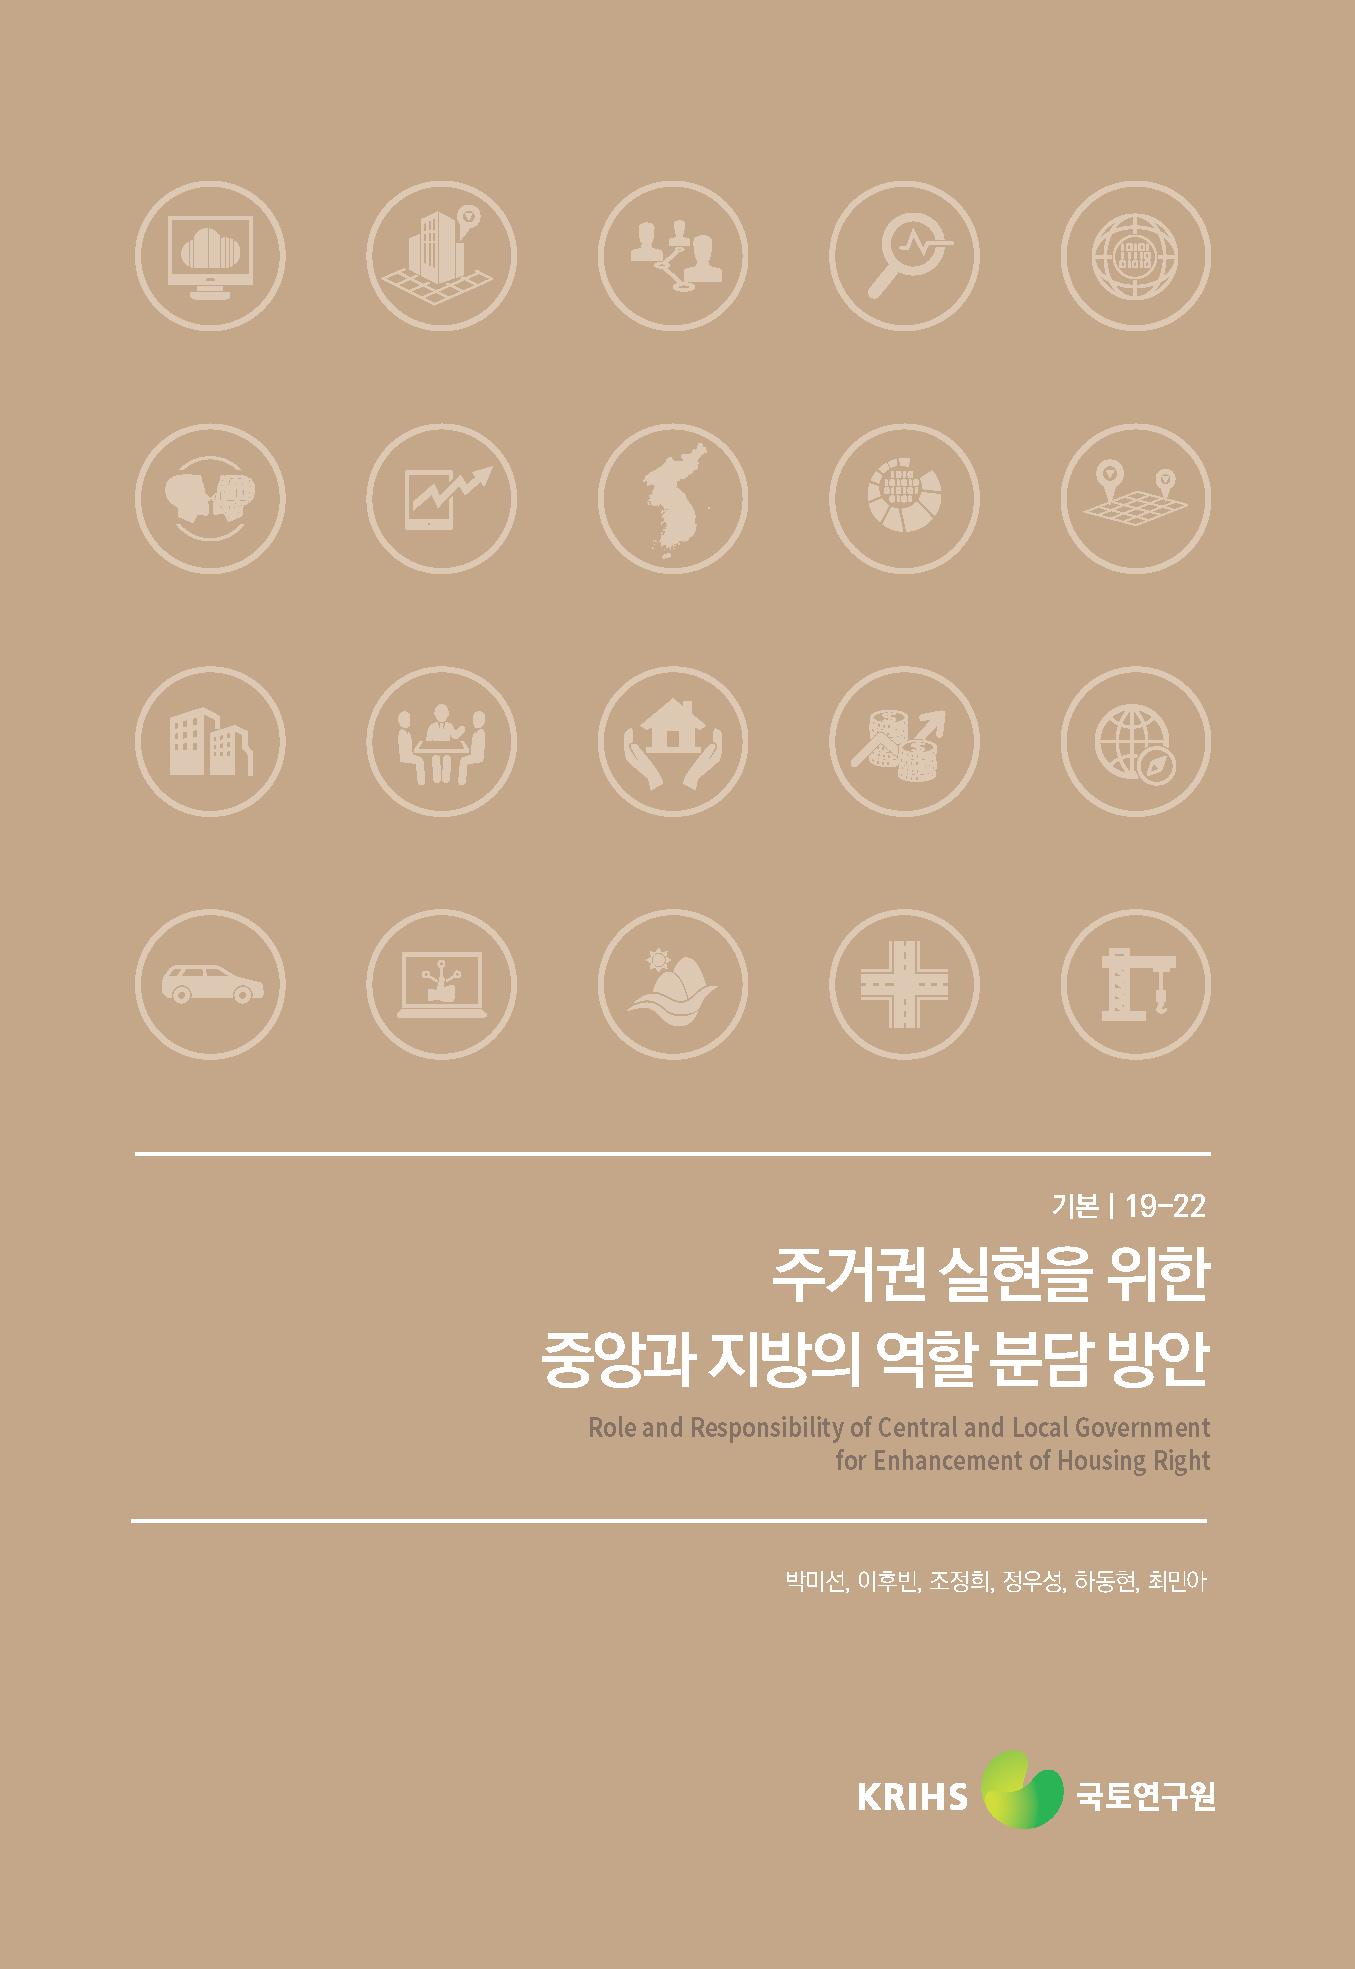 주거권 실현을 위한 중앙과 지방의 역할 분담 방안표지